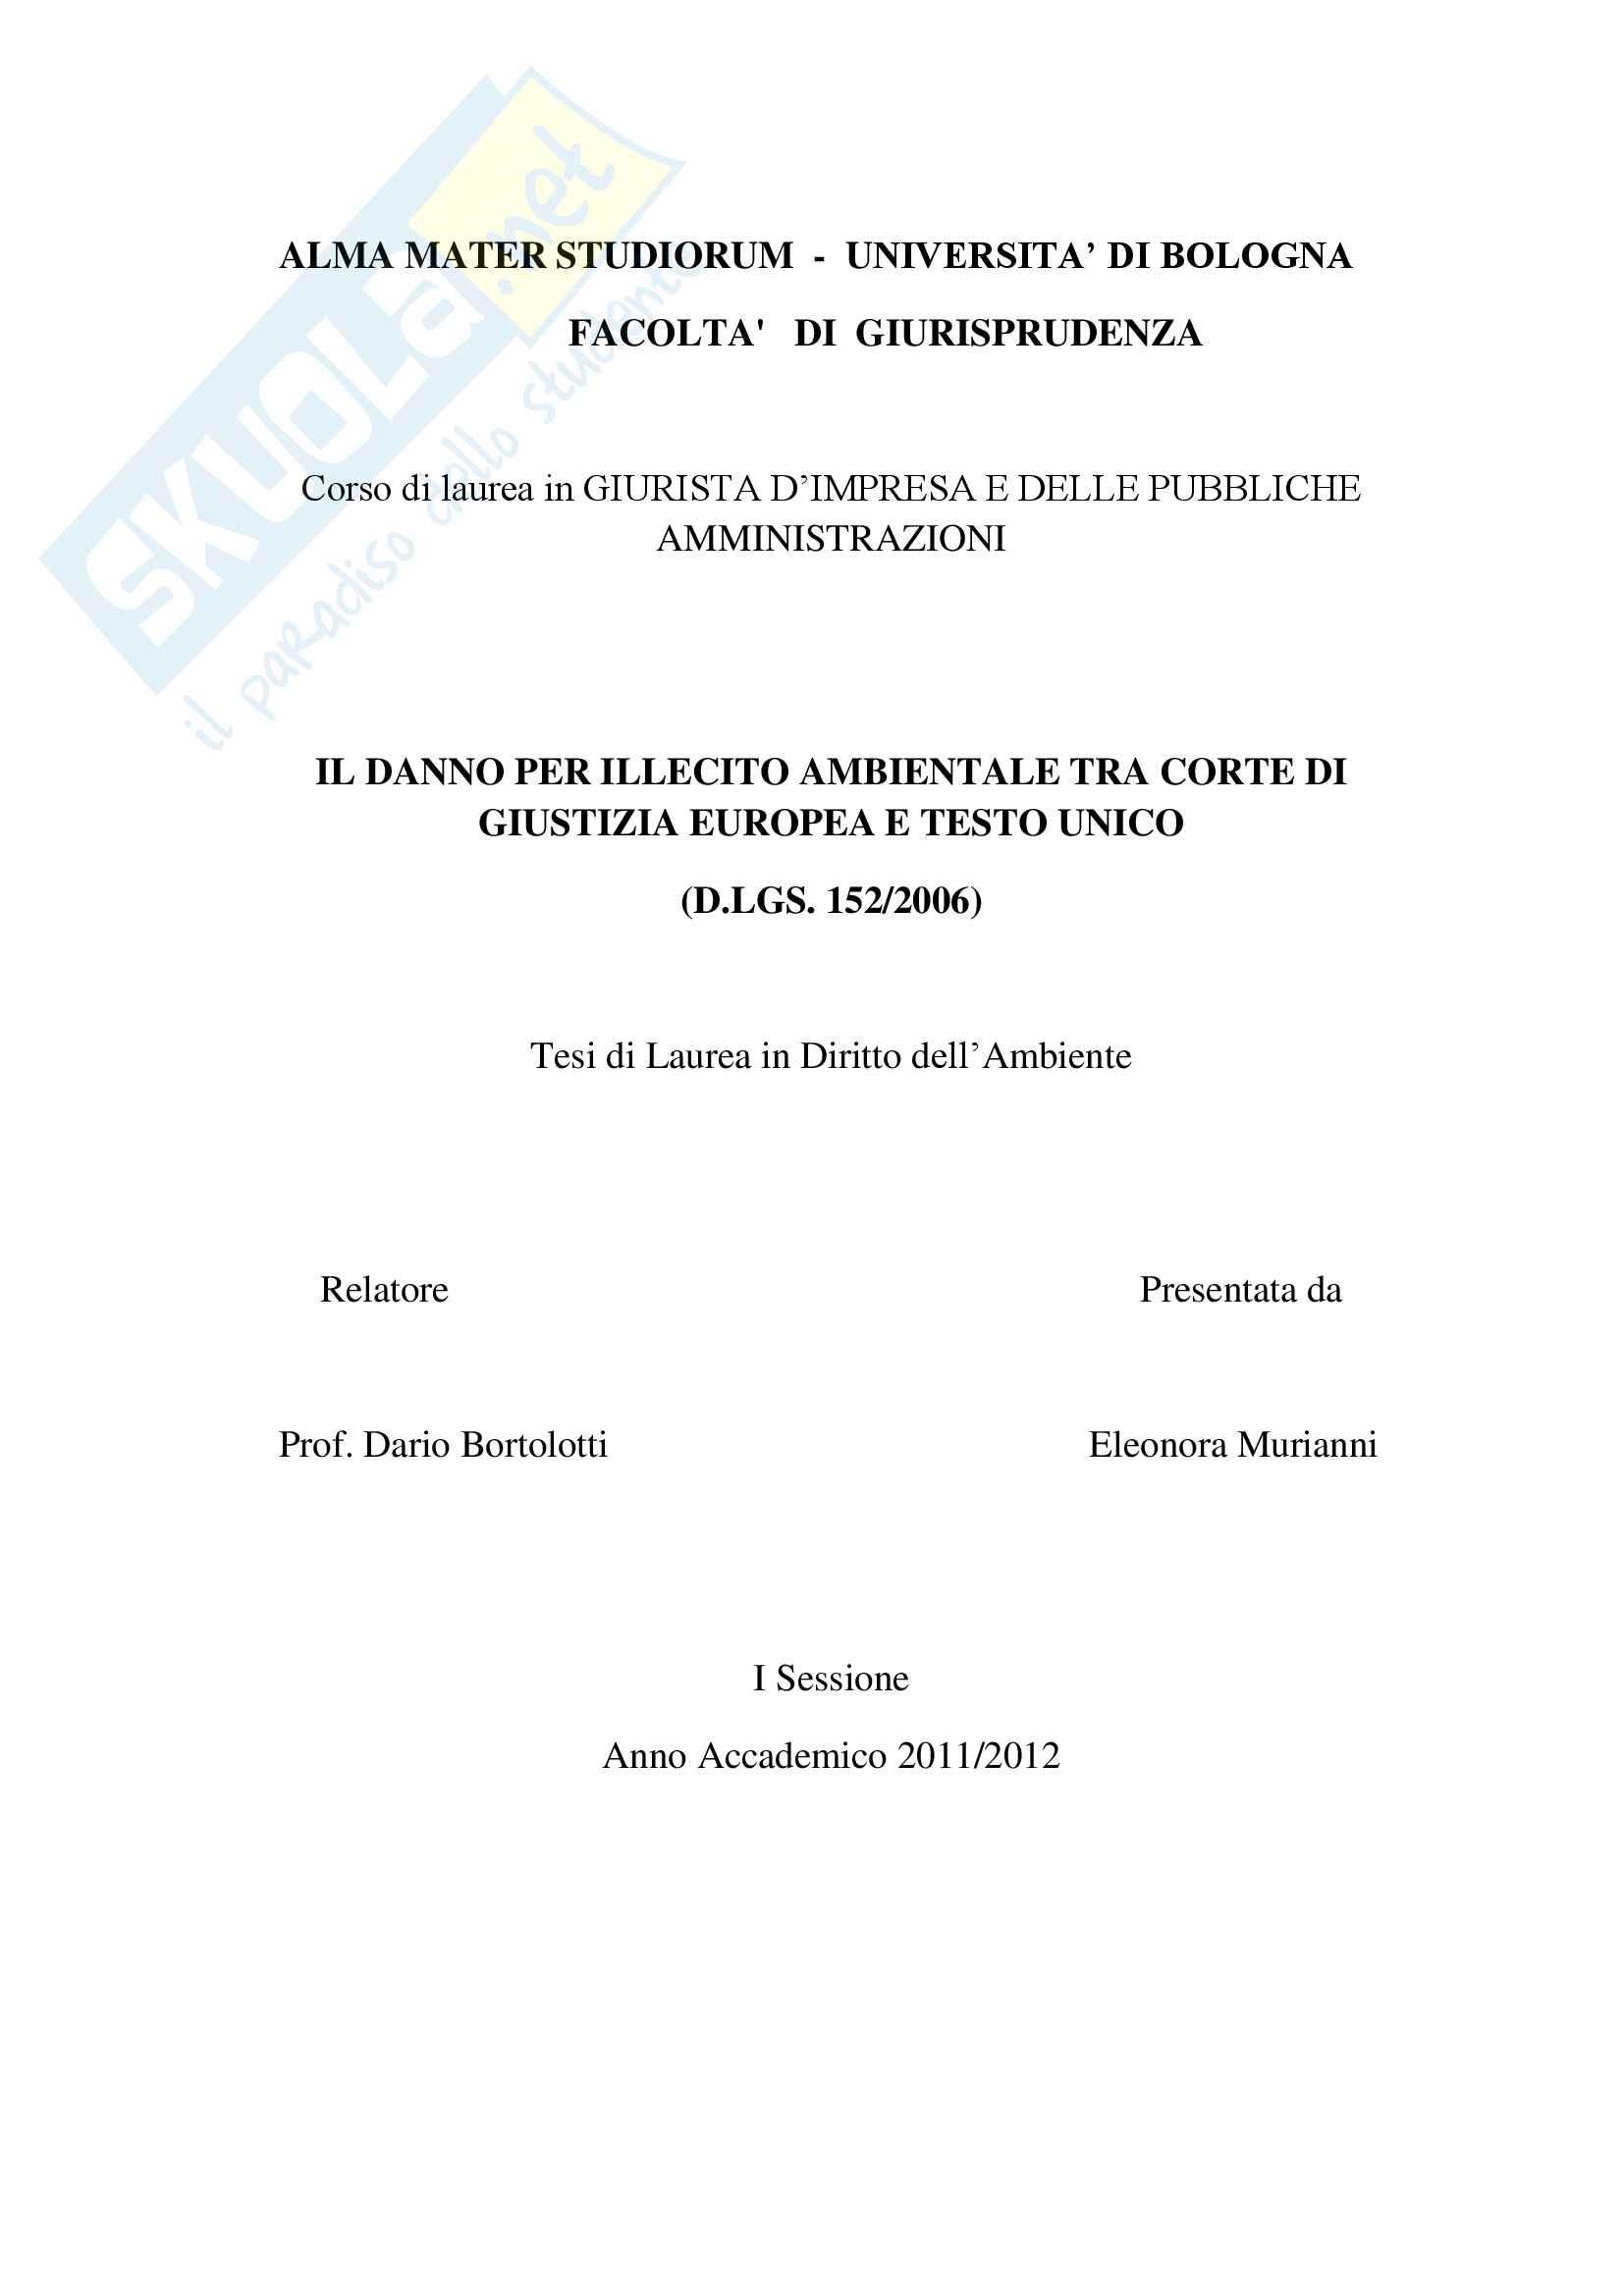 Il danno per illecito ambientale tra Corte di Giustizia Europea e Testo Unico d. lgs 152/2006